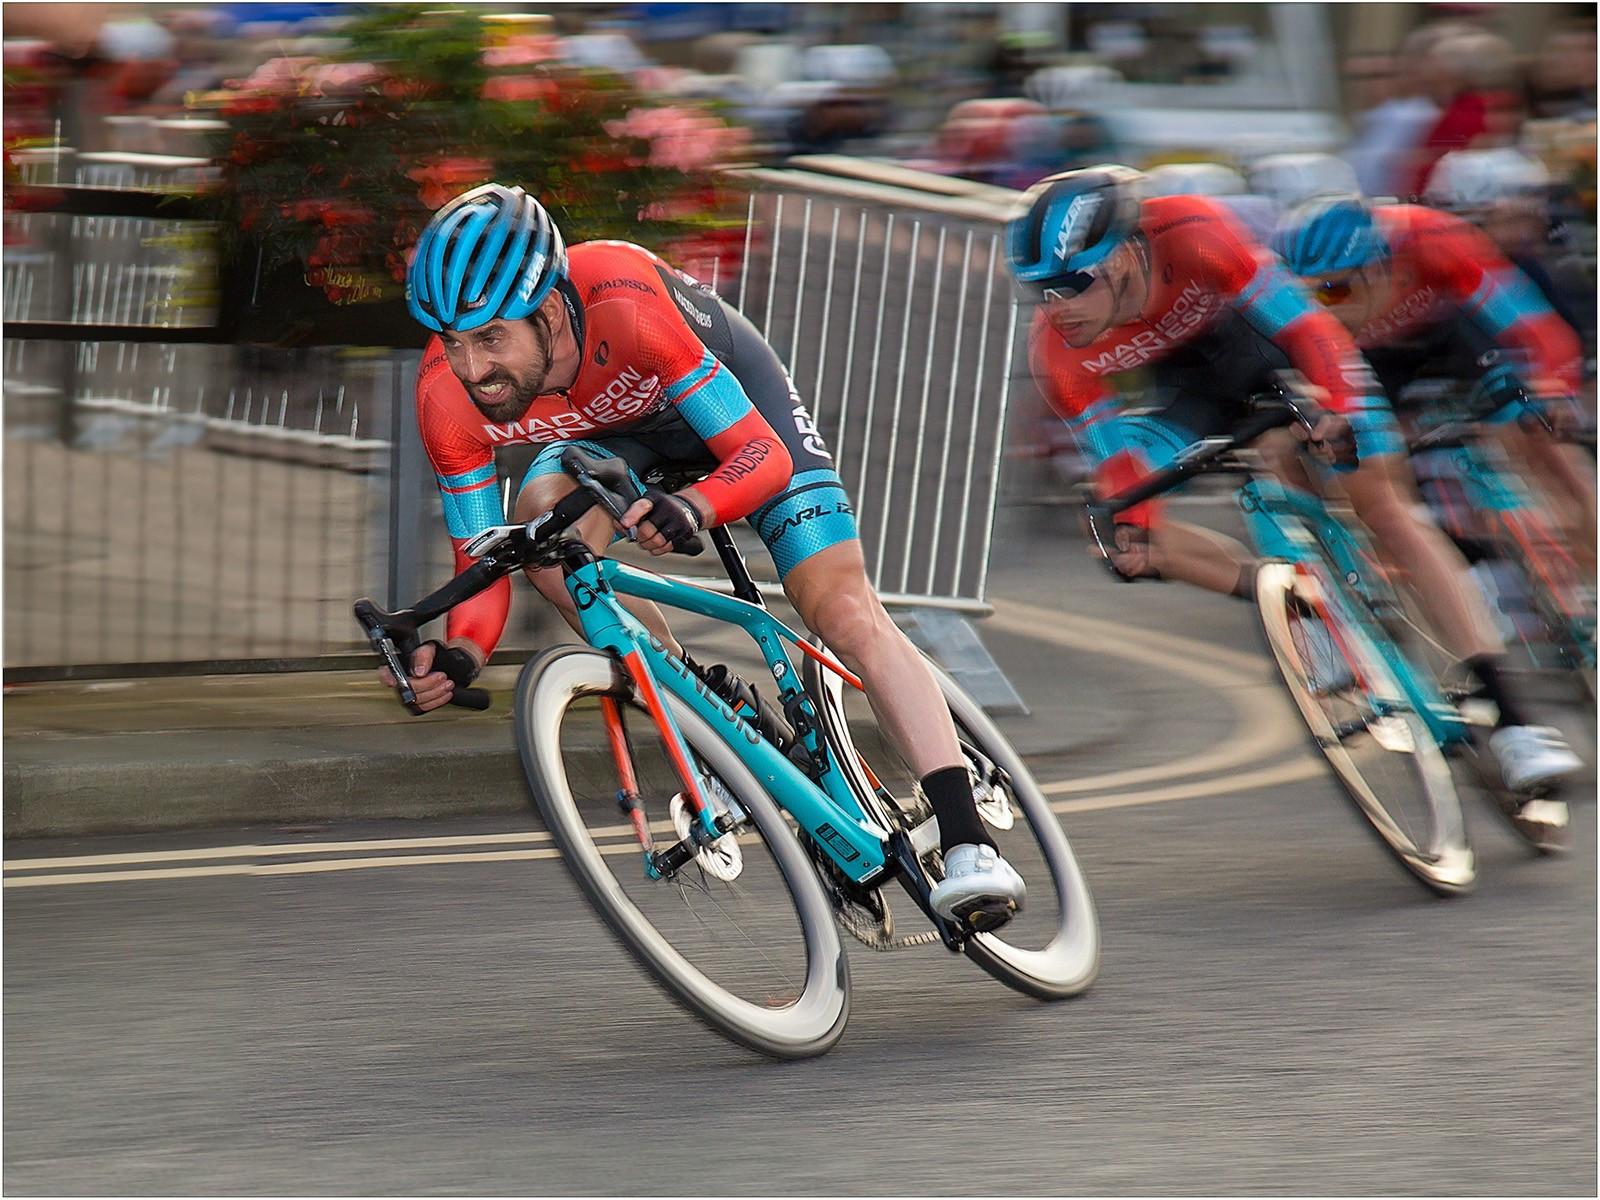 Aggression - Colne Cycling Grand Prix